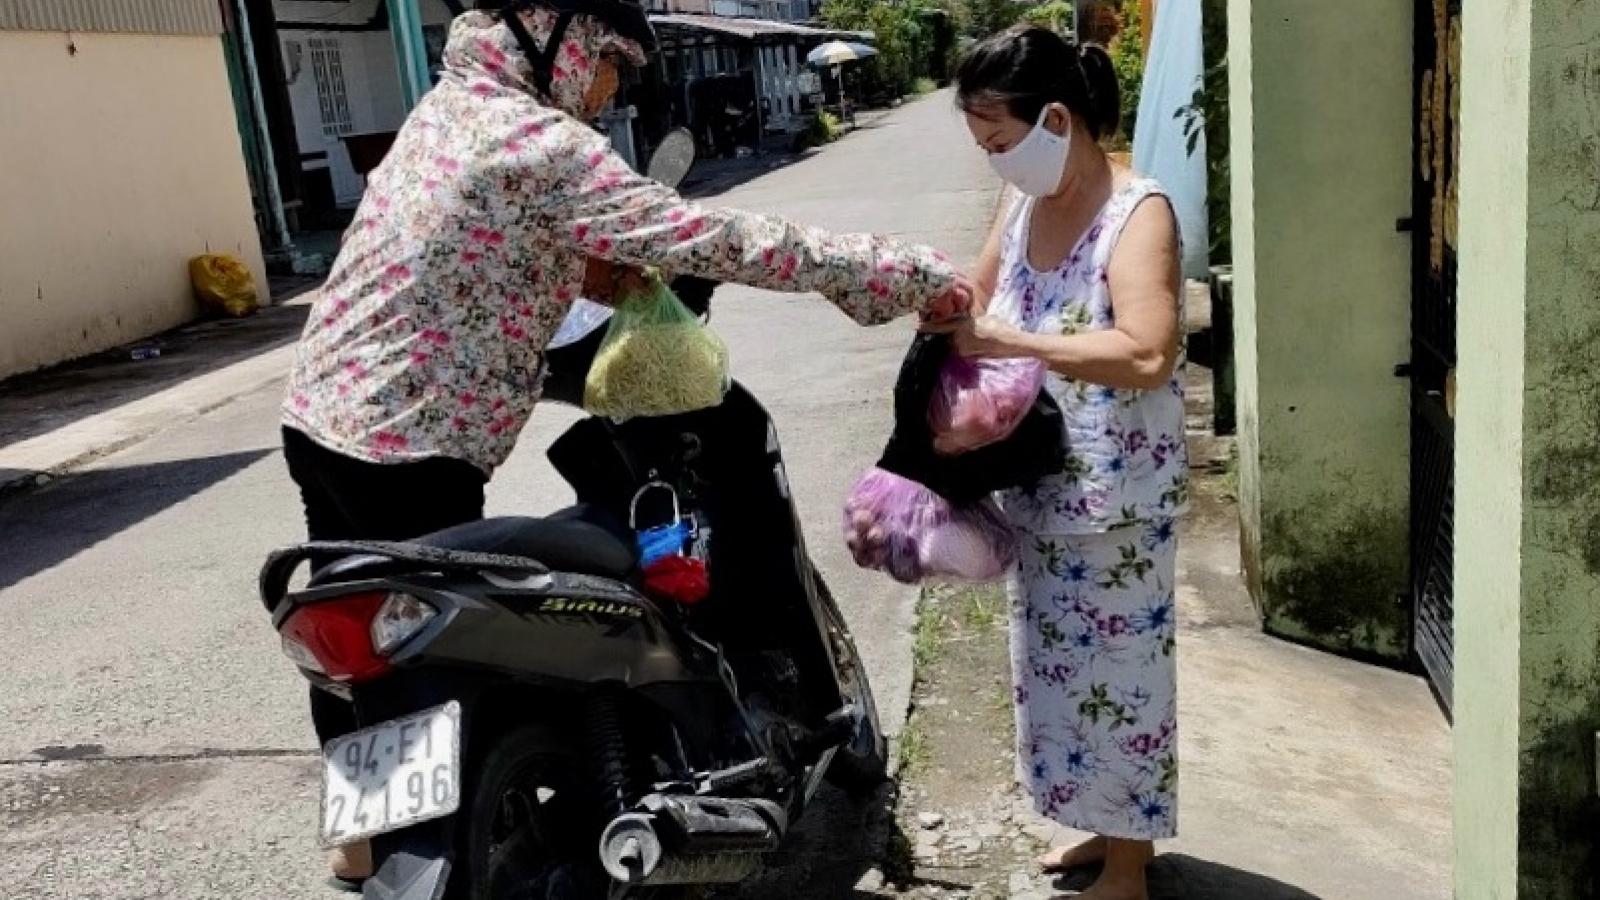 """Bạc Liêu thành lập """"Tổ phụ nữ đi chợ hộ"""" mua các mặt hàng thiết yếu giúp người dân"""